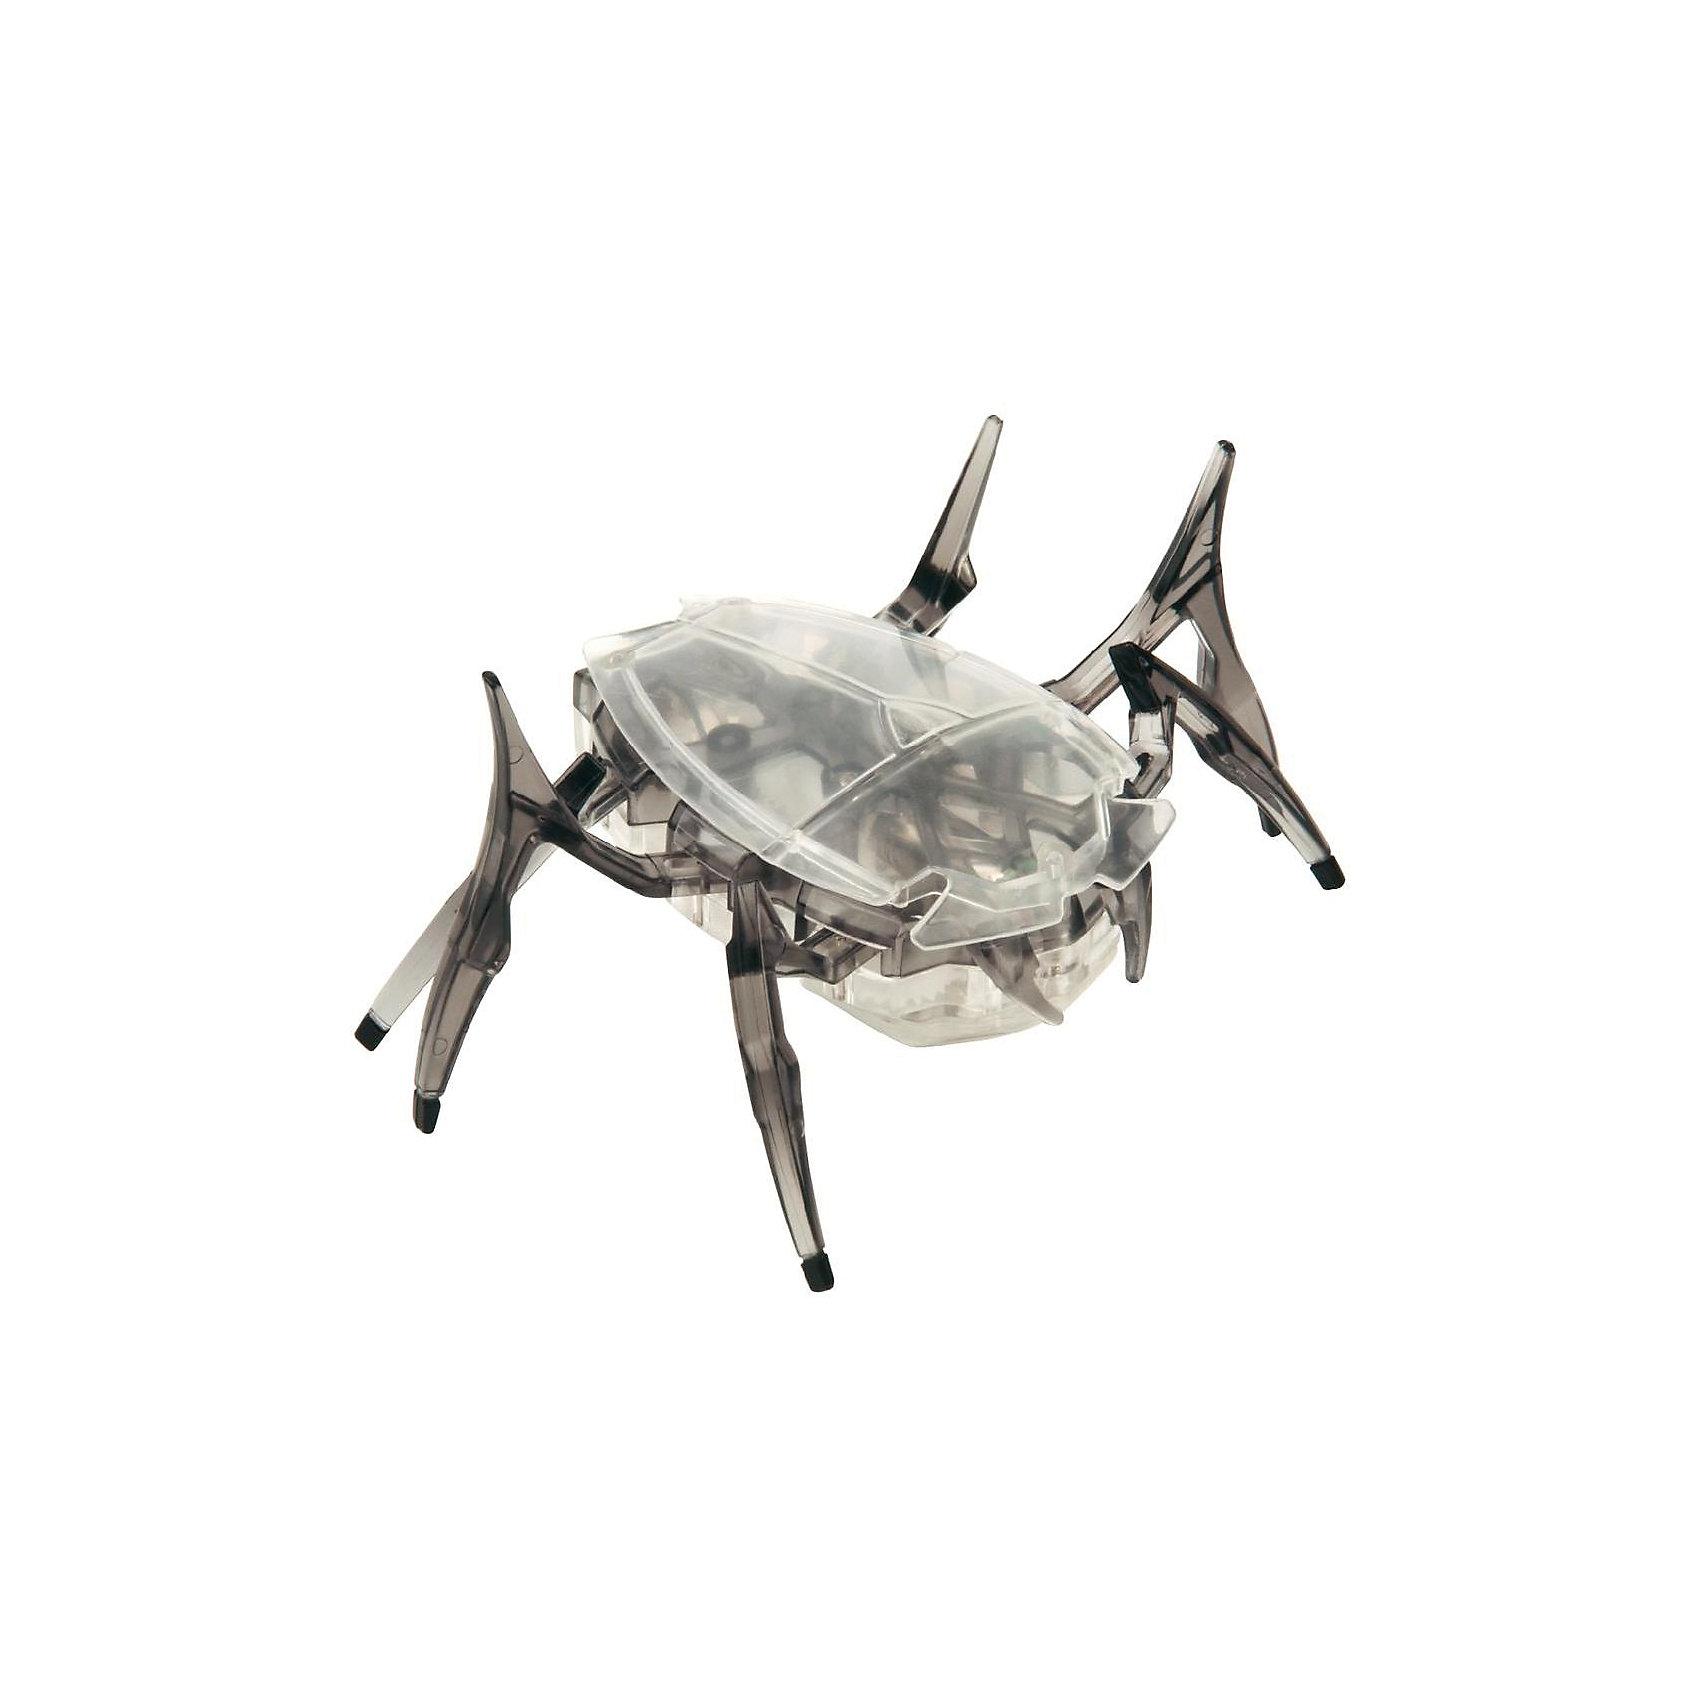 Микро-робот Cкарабей, черный, HexbugИнтерактивные животные<br>Микро-робот Cкарабей, черный, Hexbug (Хексбаг)<br><br>Характеристики:<br><br>• самостоятельно передвигается и переворачивается<br>• умеет толкать небольшие предметы<br>• мощный моторчик<br>• батарейки: AG13 - 3 шт. (входят в комплект)<br>• материал: пластик, металл<br>• размер: 6х7х4 см<br>• цвет: черный<br>• размер упаковки: 13х11,5х6 см<br>• вес: 40 грамм<br><br>Микро-робот Скарабей - маленькая копия своего прототипа. Как и жук скарабей, робот умеет толкать небольшие предметы, превышающие его собственный вес. Кроме того, робот не имеет датчиков и самостоятельно передвигается в любую сторону. При столкновении с препятствием робот отпрыгивает и разворачивается в другую сторону, чтобы продолжить свой путь. Даже если робот упадет на спинку, он быстро перевернется и побежит в нужном направлении. Такая игрушка позволит вам весело провести время всей семьей!<br><br>Микро-робота Cкарабей, черный, Hexbug (Хексбаг) вы можете купить в нашем интернет-магазине.<br><br>Ширина мм: 60<br>Глубина мм: 110<br>Высота мм: 130<br>Вес г: 47<br>Возраст от месяцев: 36<br>Возраст до месяцев: 2147483647<br>Пол: Унисекс<br>Возраст: Детский<br>SKU: 5507226